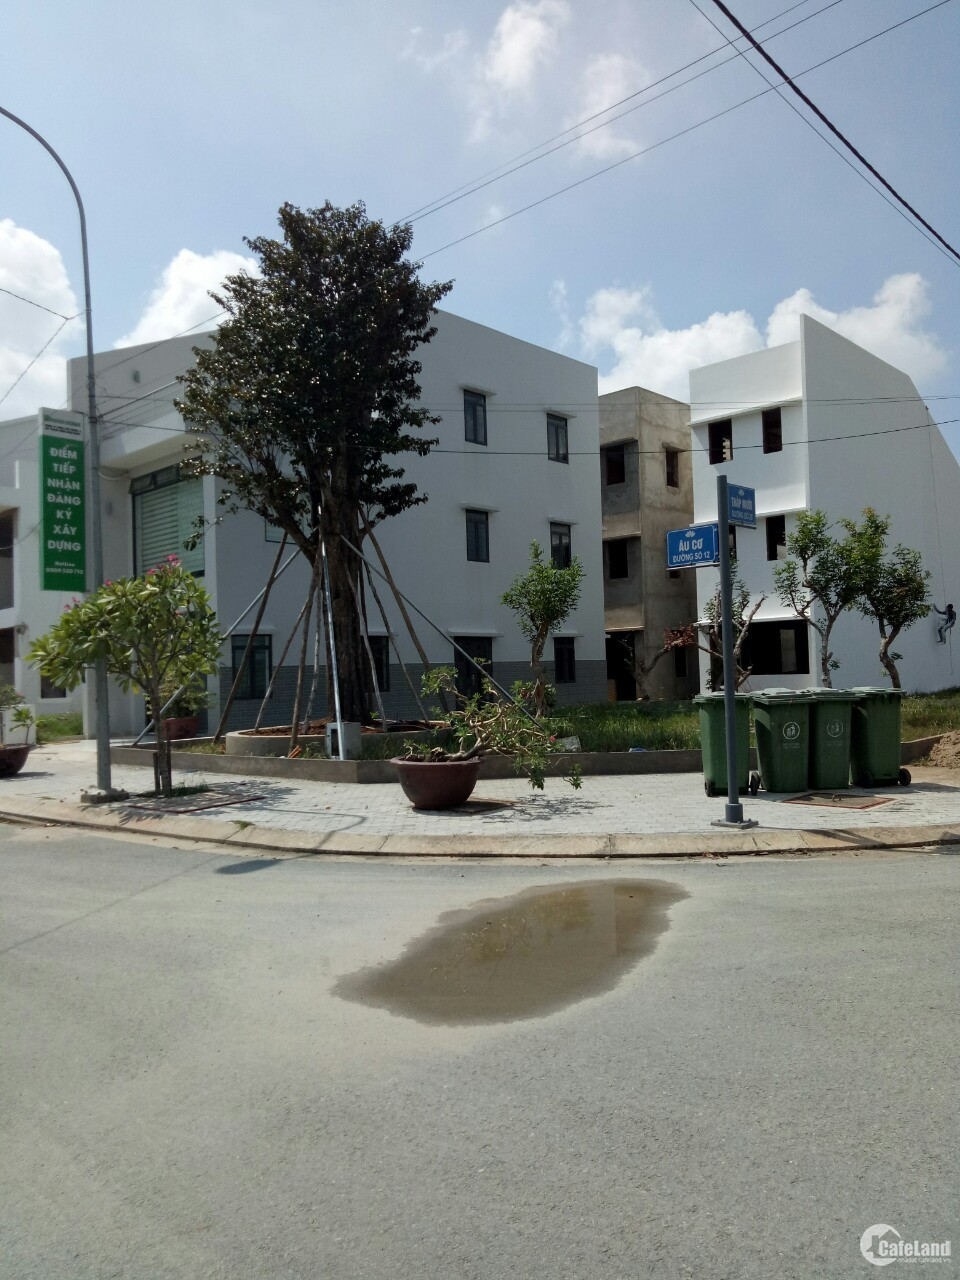 Chính chủ cần bán căn nhà mặt tiền đường 1 trệt ,3 lầu gần Cầu Xáng